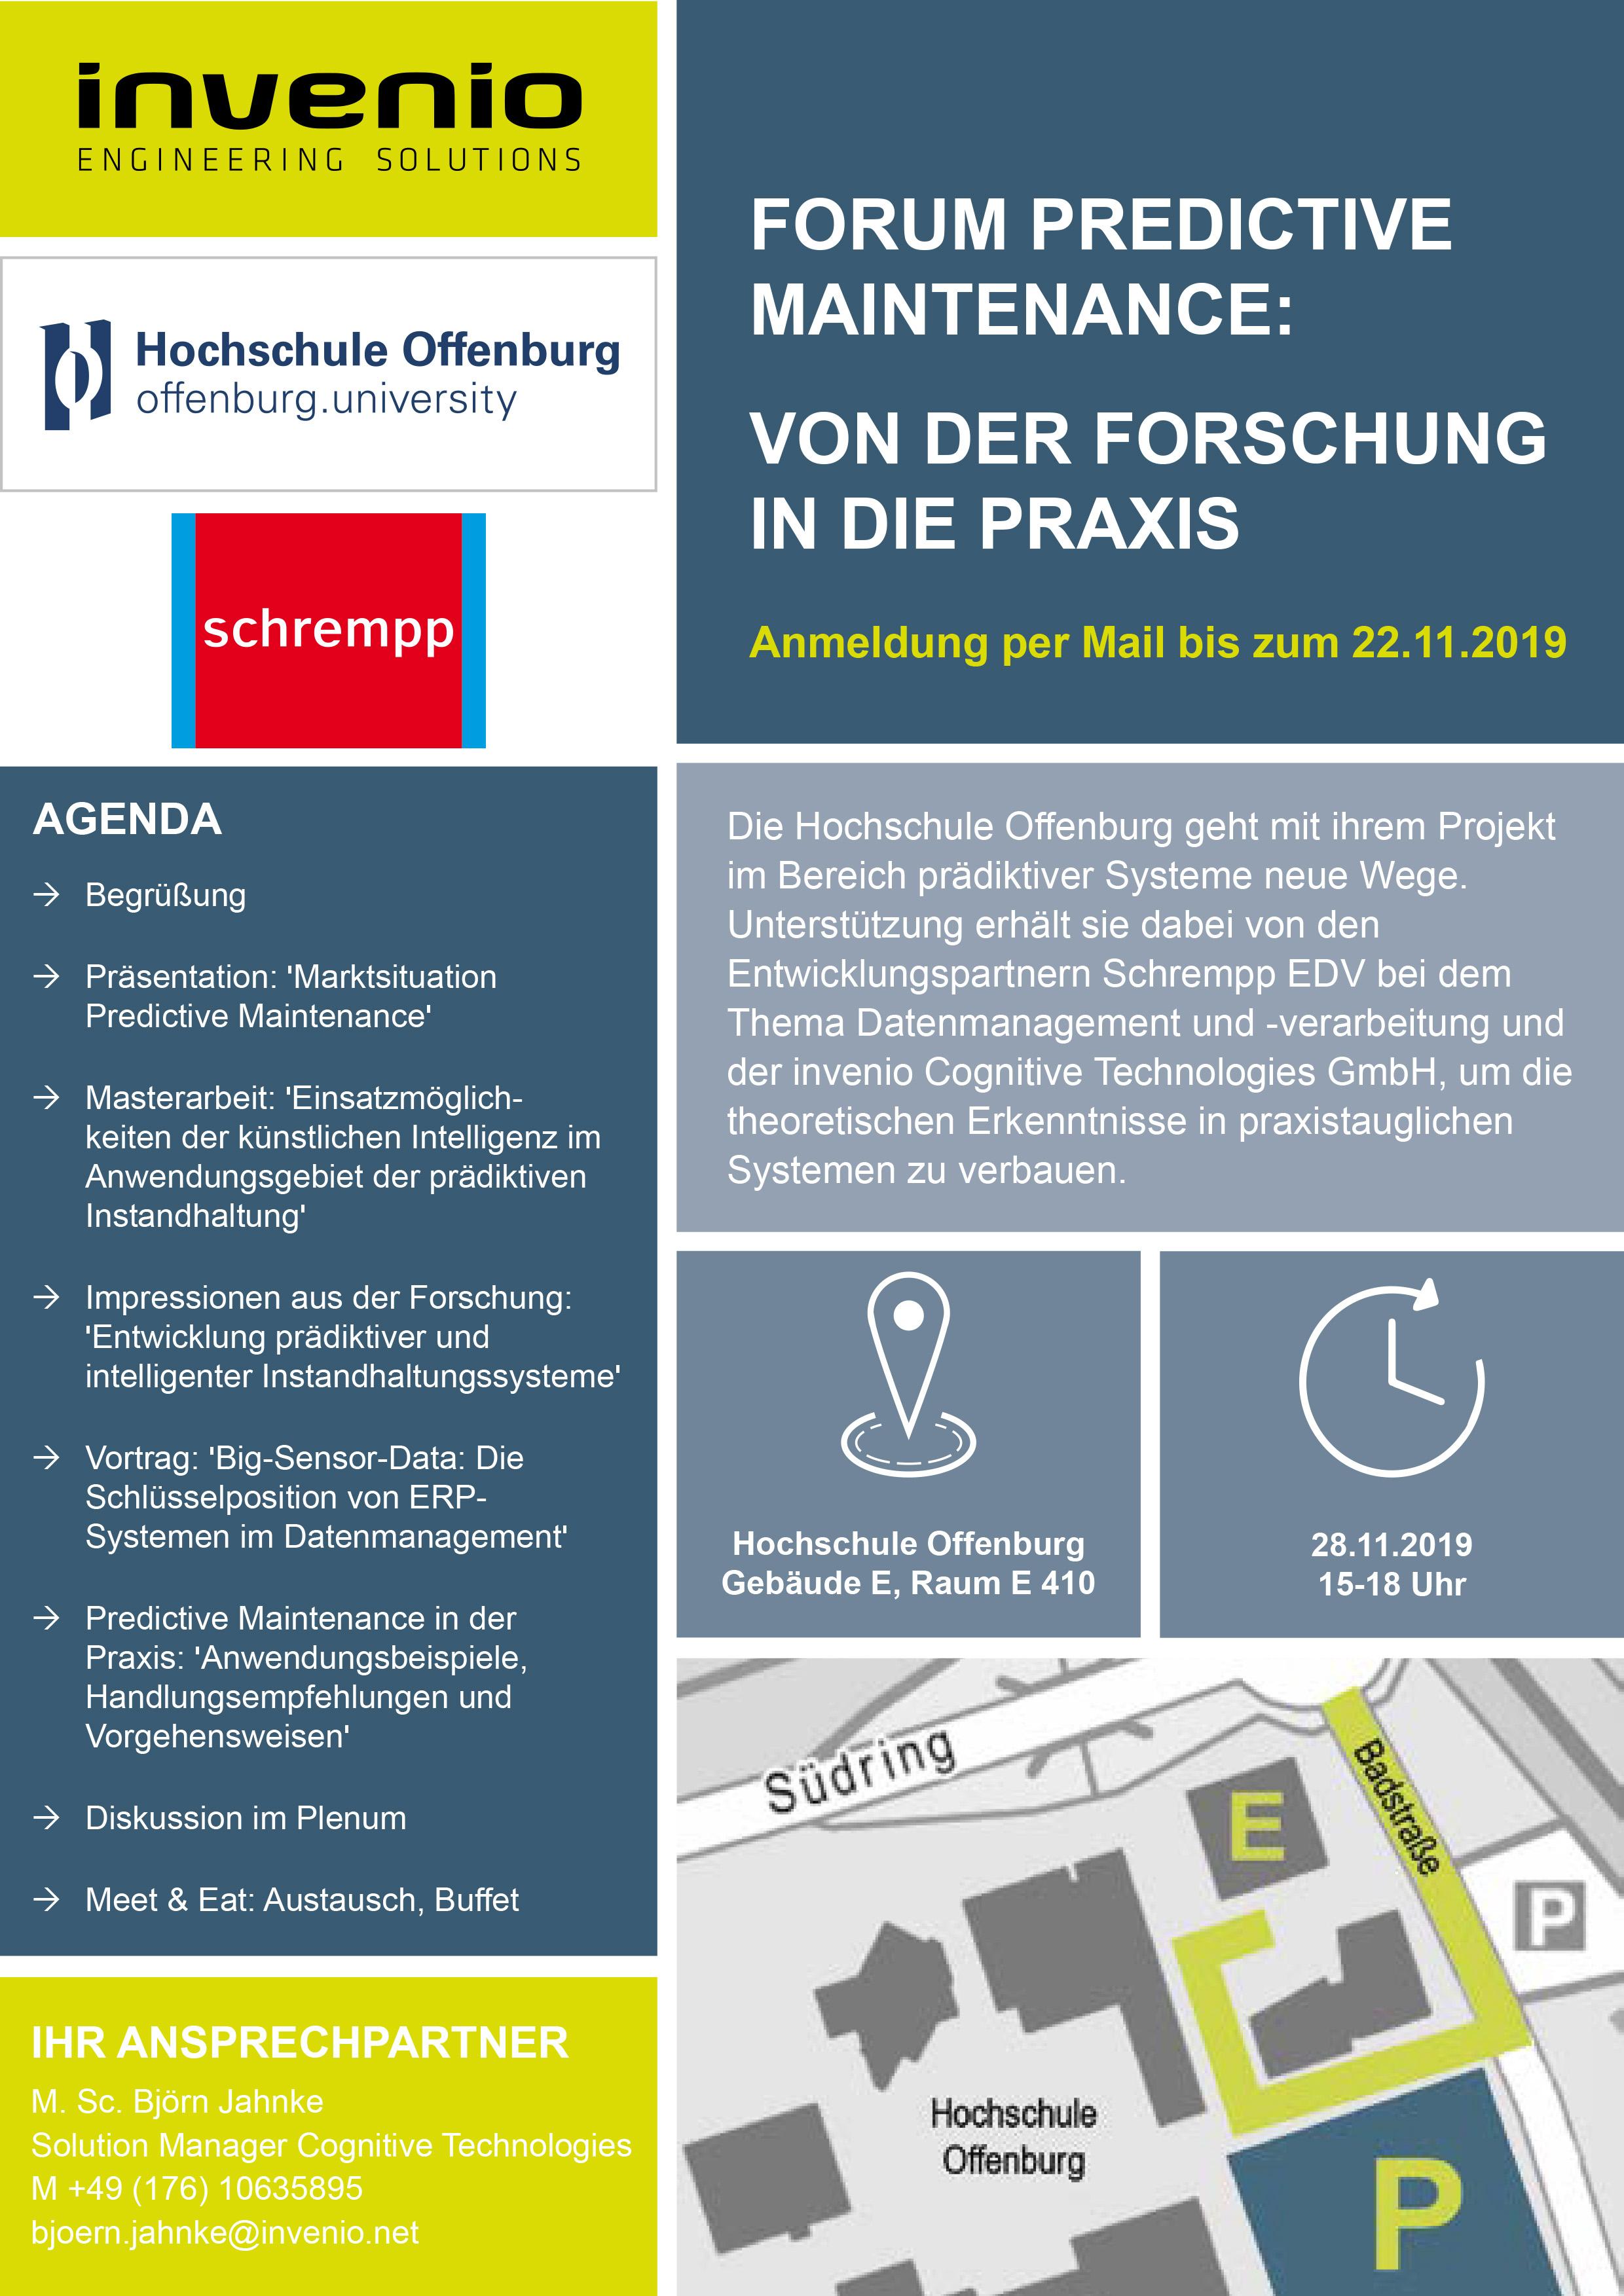 Forum Predictive Maintenance_28.11.2019_ Hochschule Offenburg